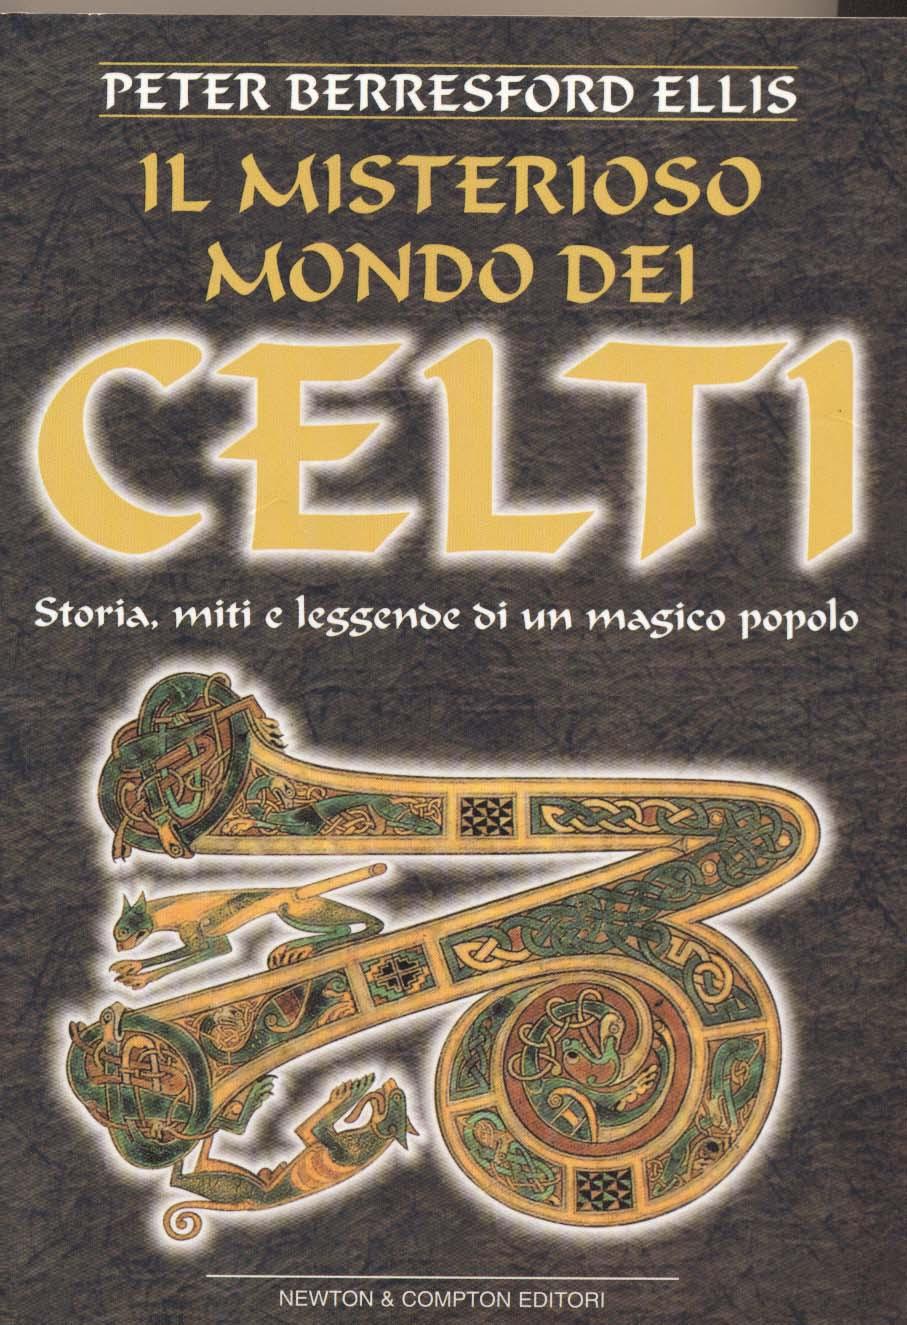 V TURNO - 3 giro - Biografie/ storia del'arte/ saggistica fate le vostre proposte Image_book